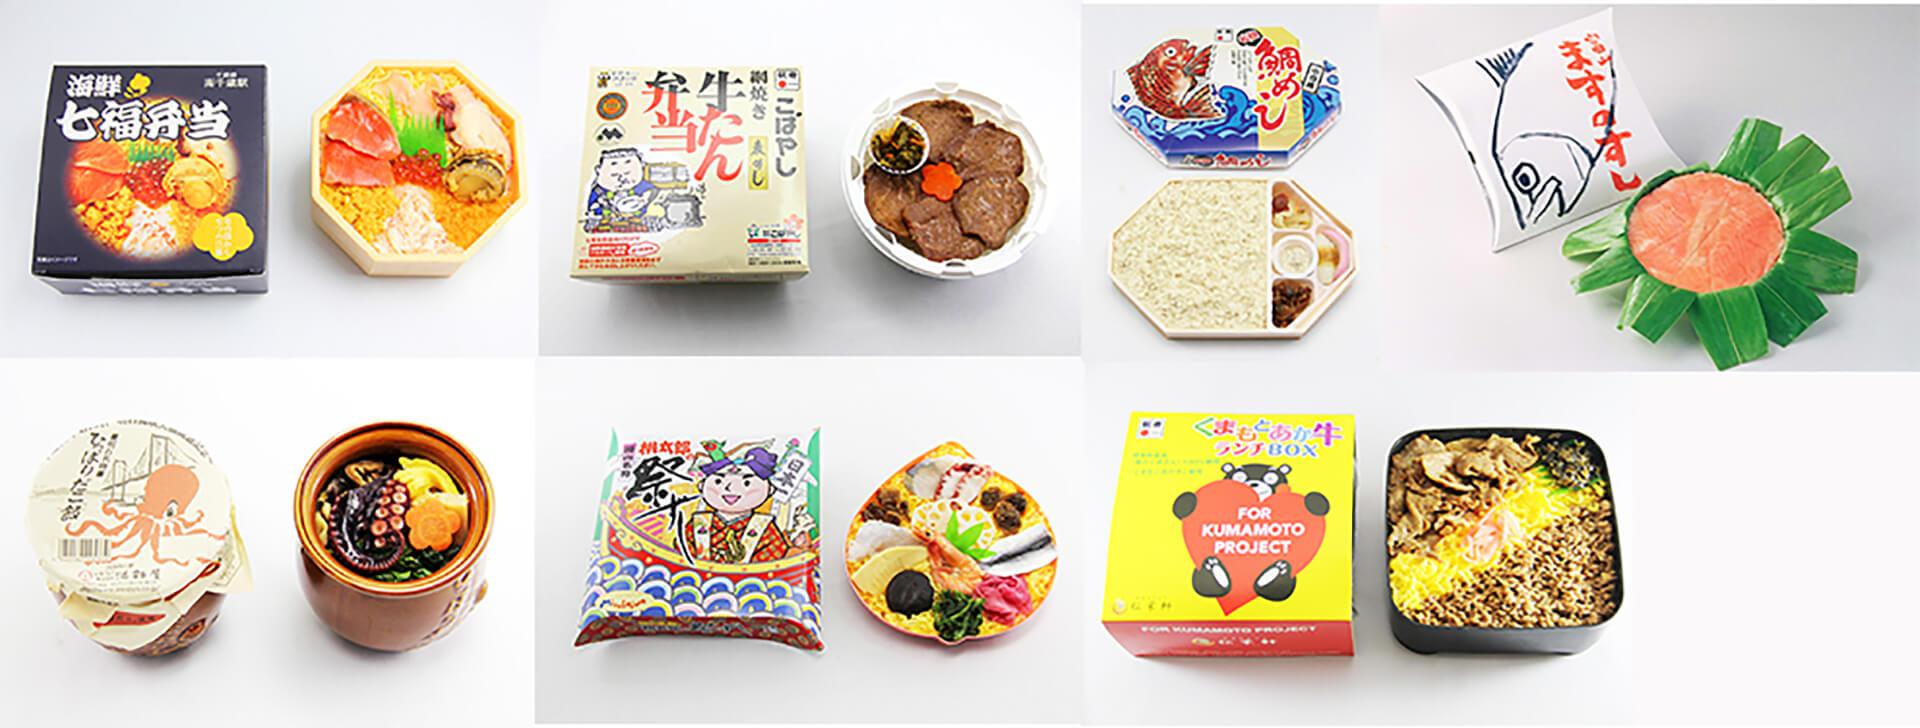 特別展 天空ノ鉄道物語・フード